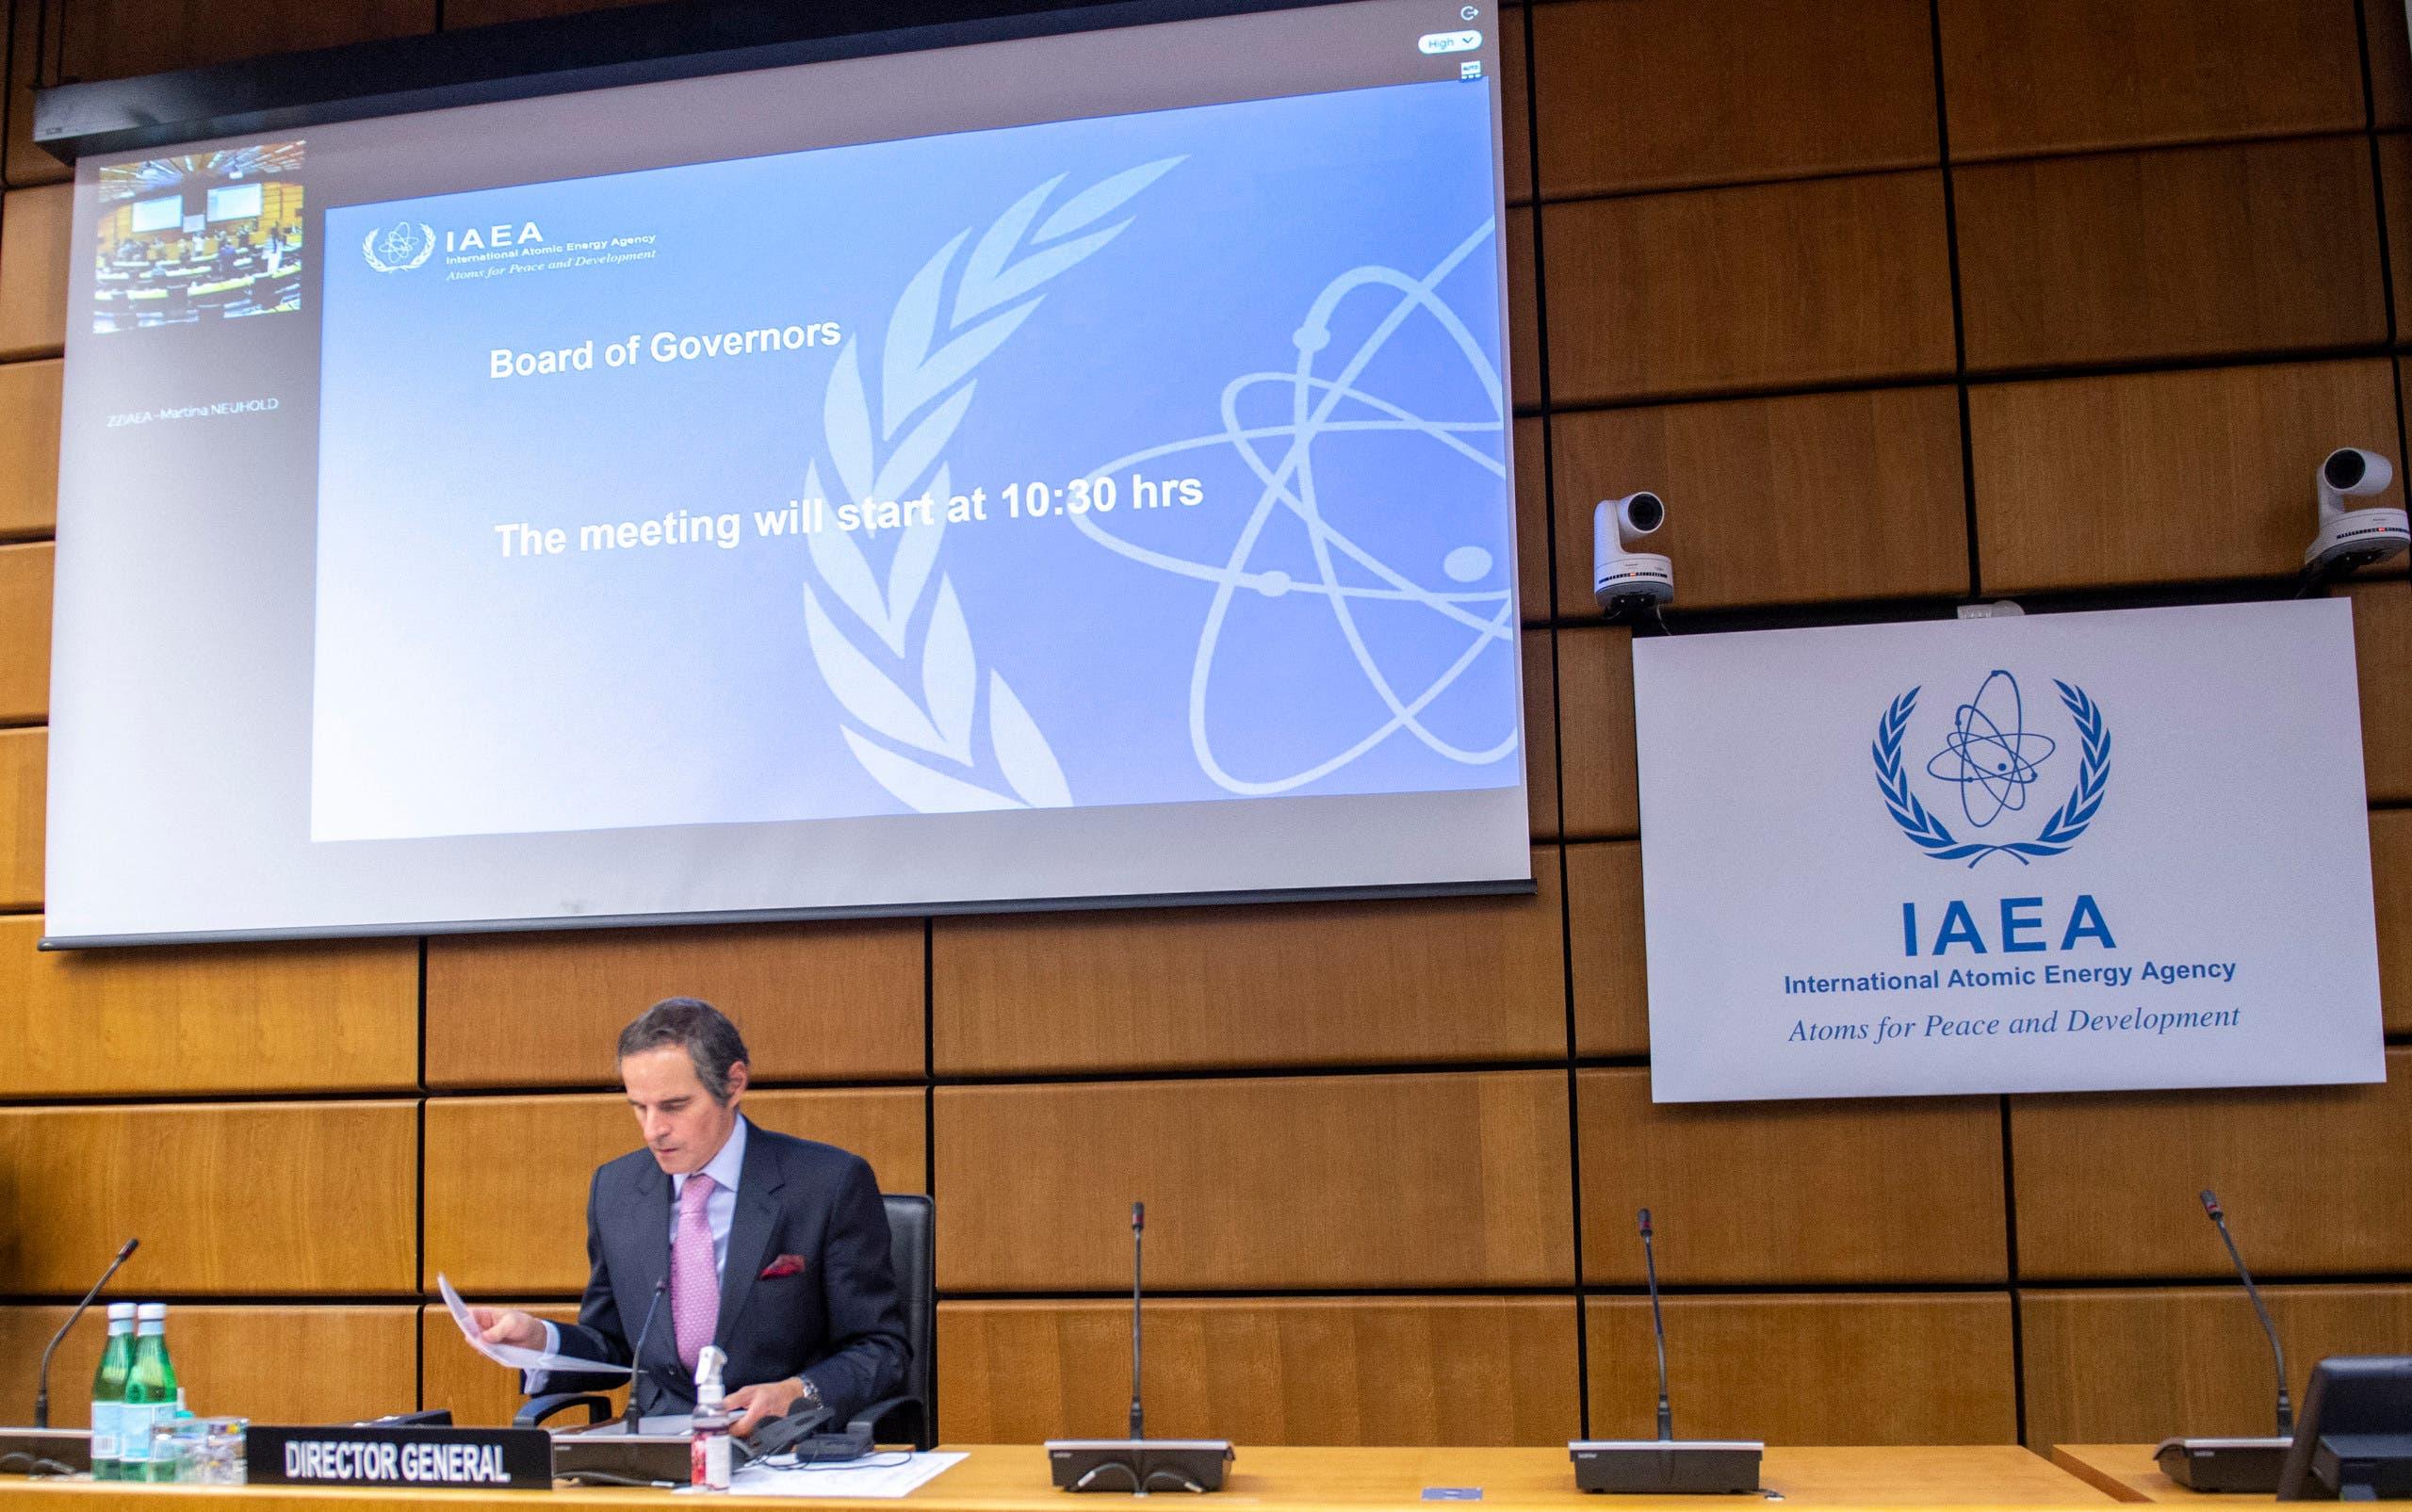 آژانس بین المللی انرژی هستهای